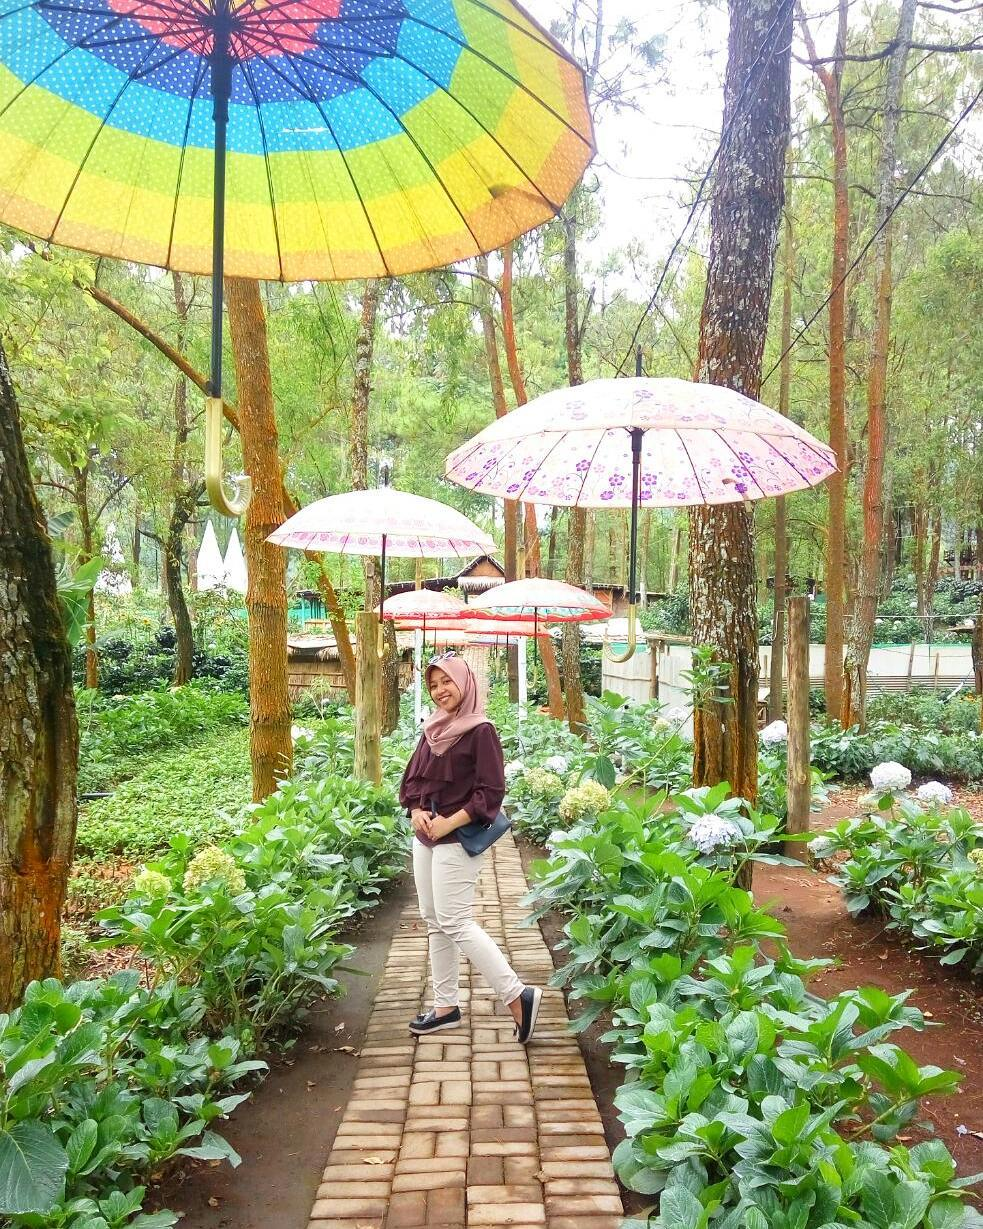 spot payung coban talun